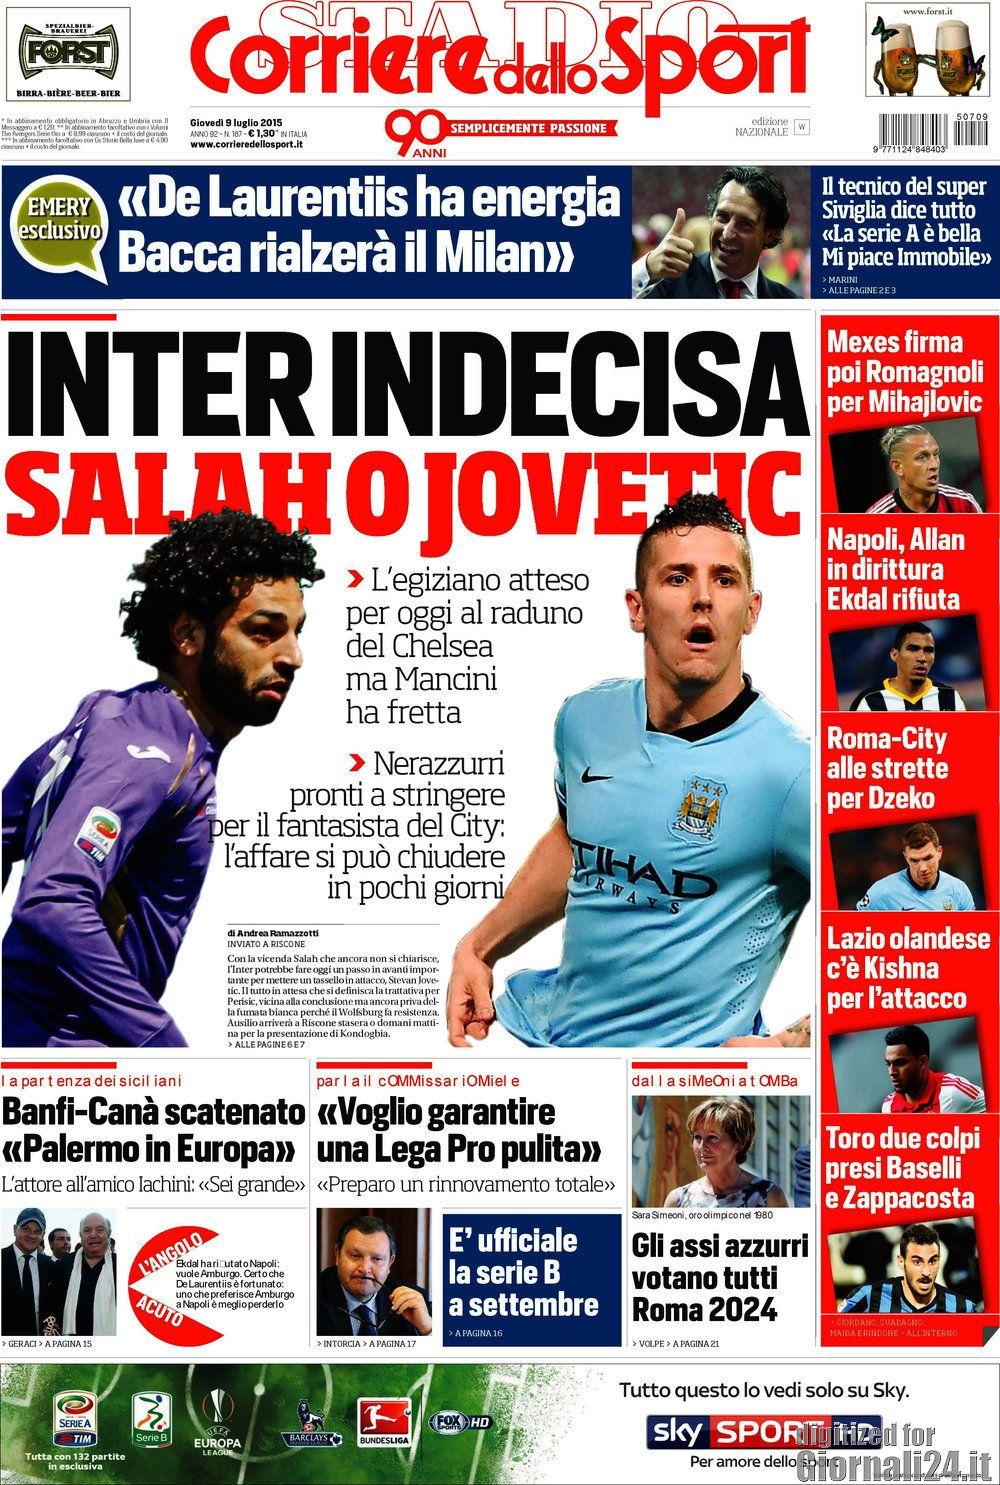 Corriere dello Sport 9-07-2015